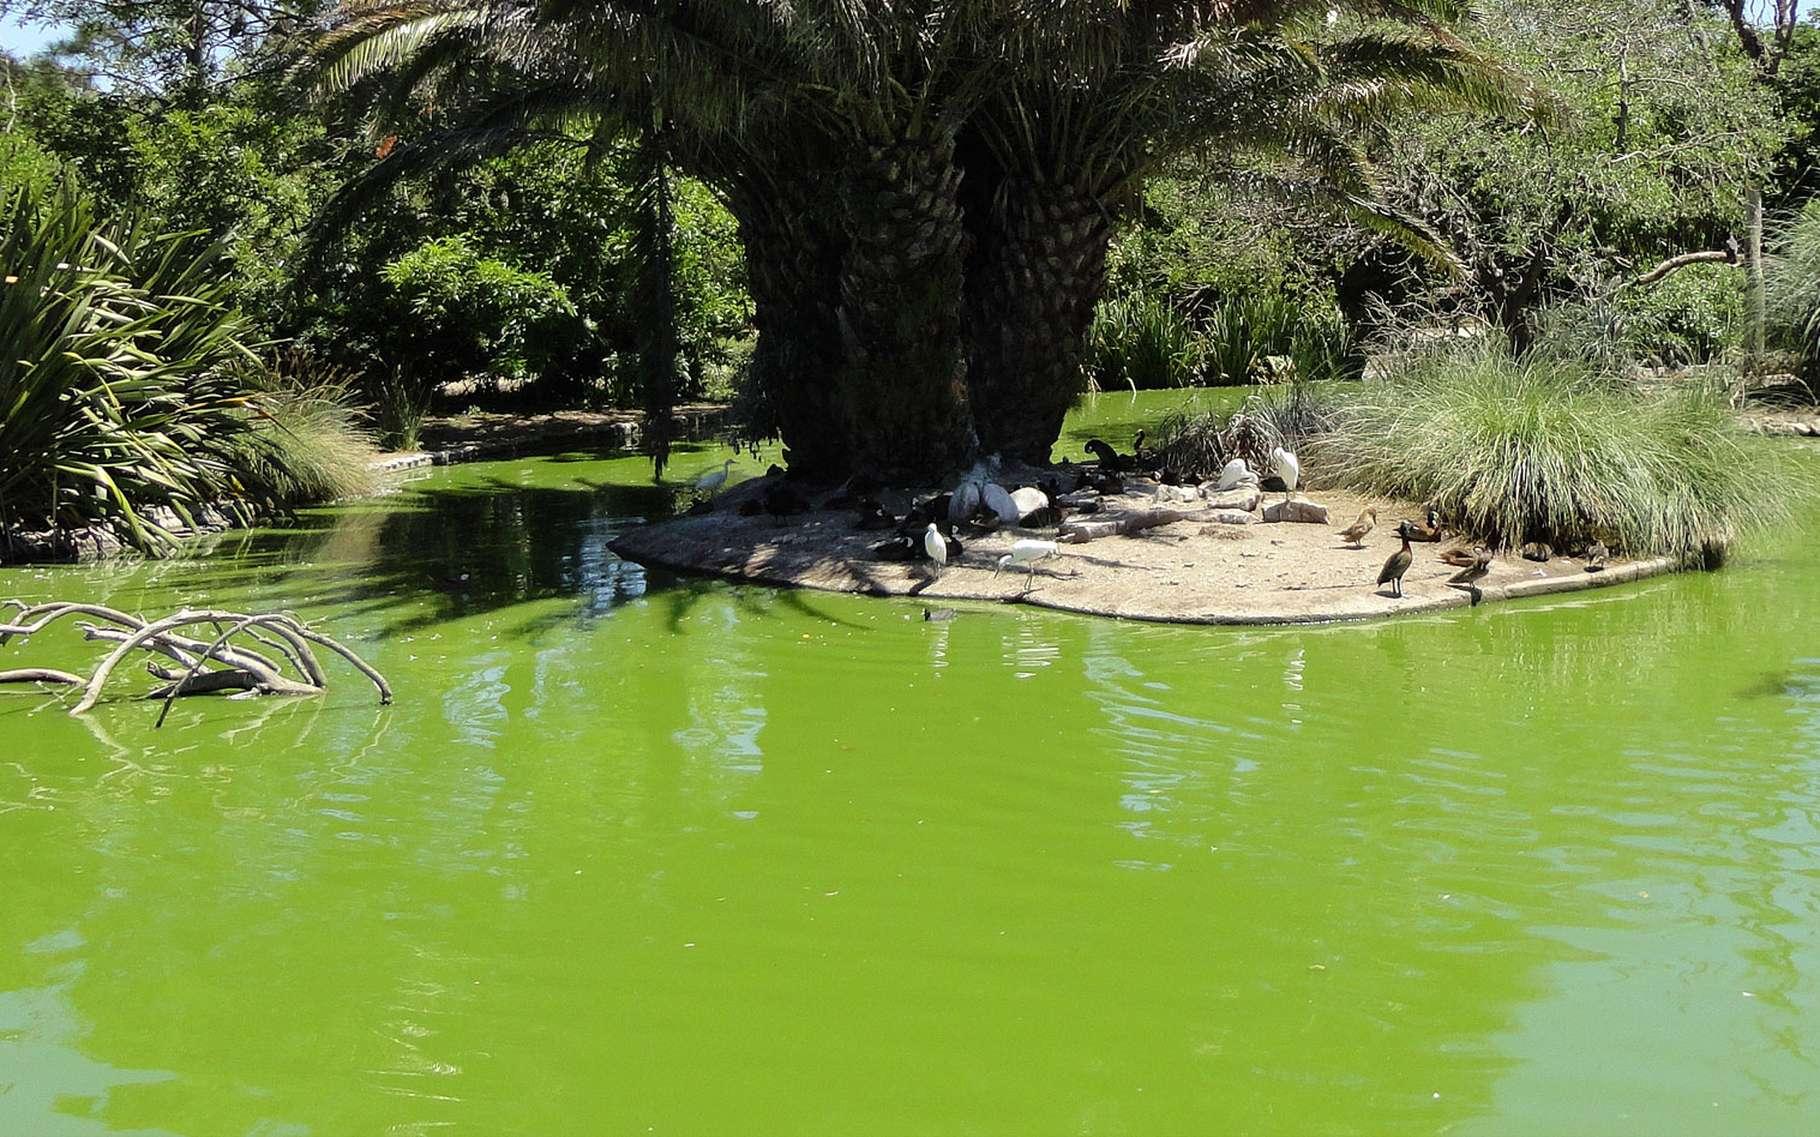 Bassin De Jardin : Quelles Dimensions ? | Dossier à Profondeur D Un Bassin De Jardin